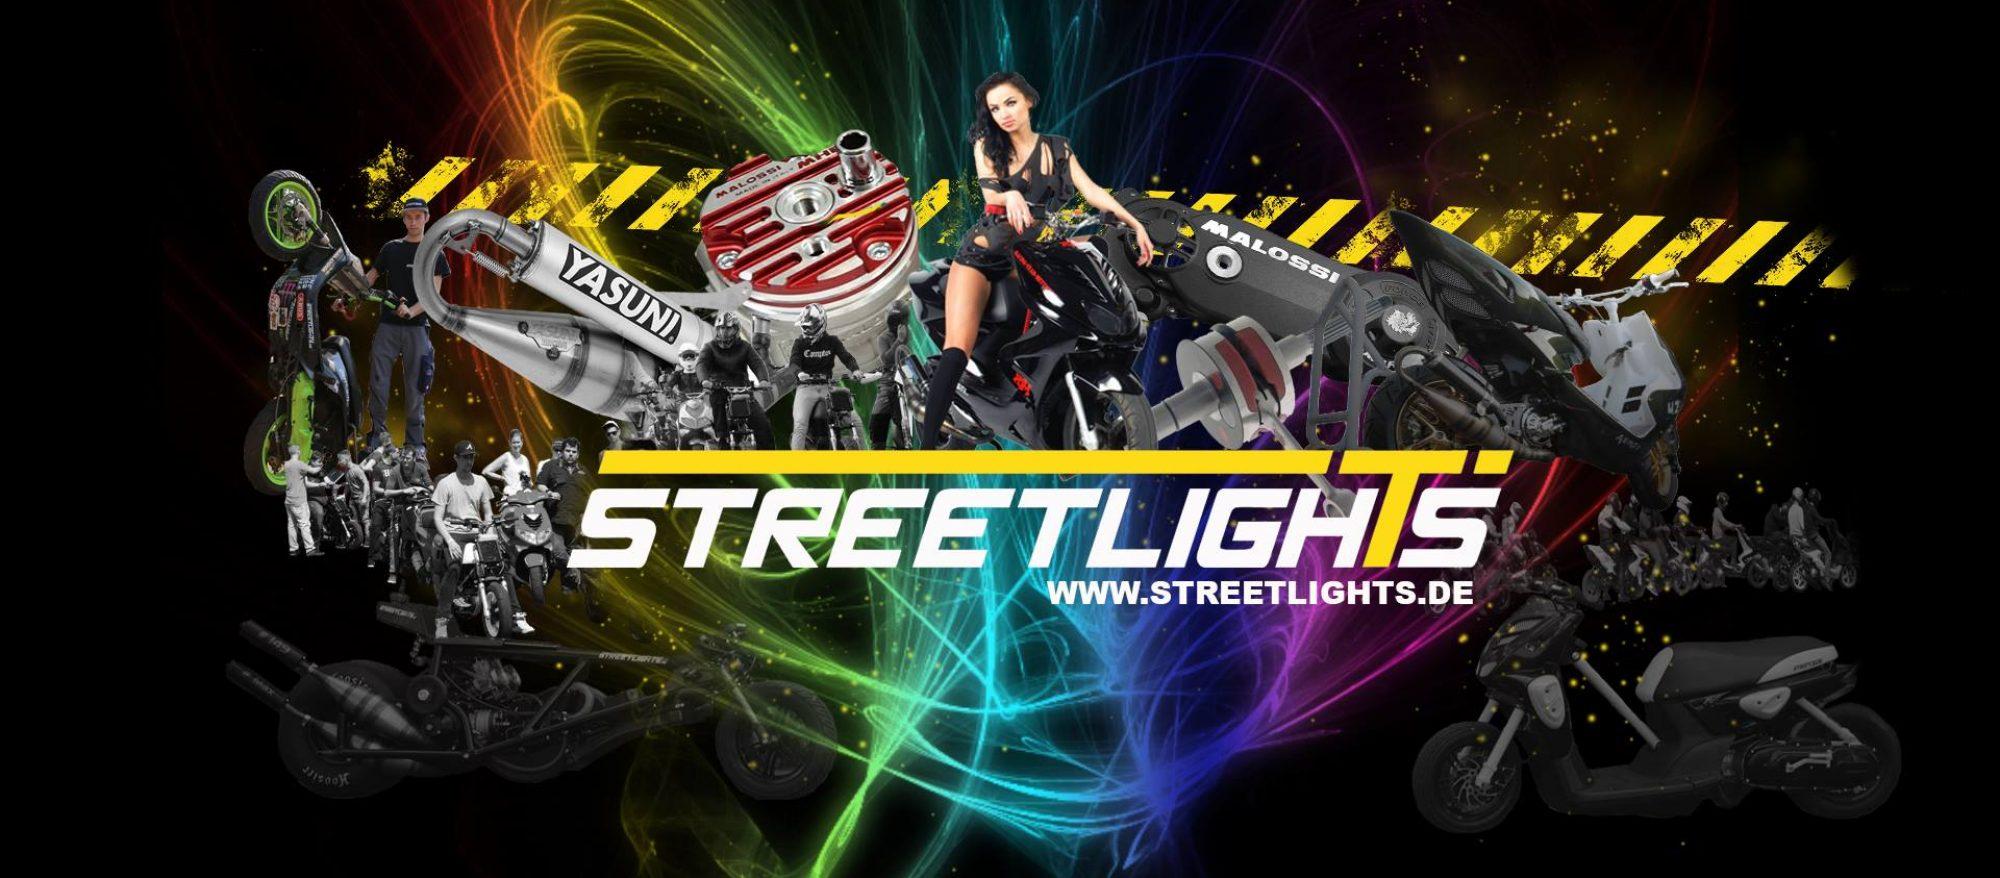 Streetlights Roller Tuning und Ersatzteile